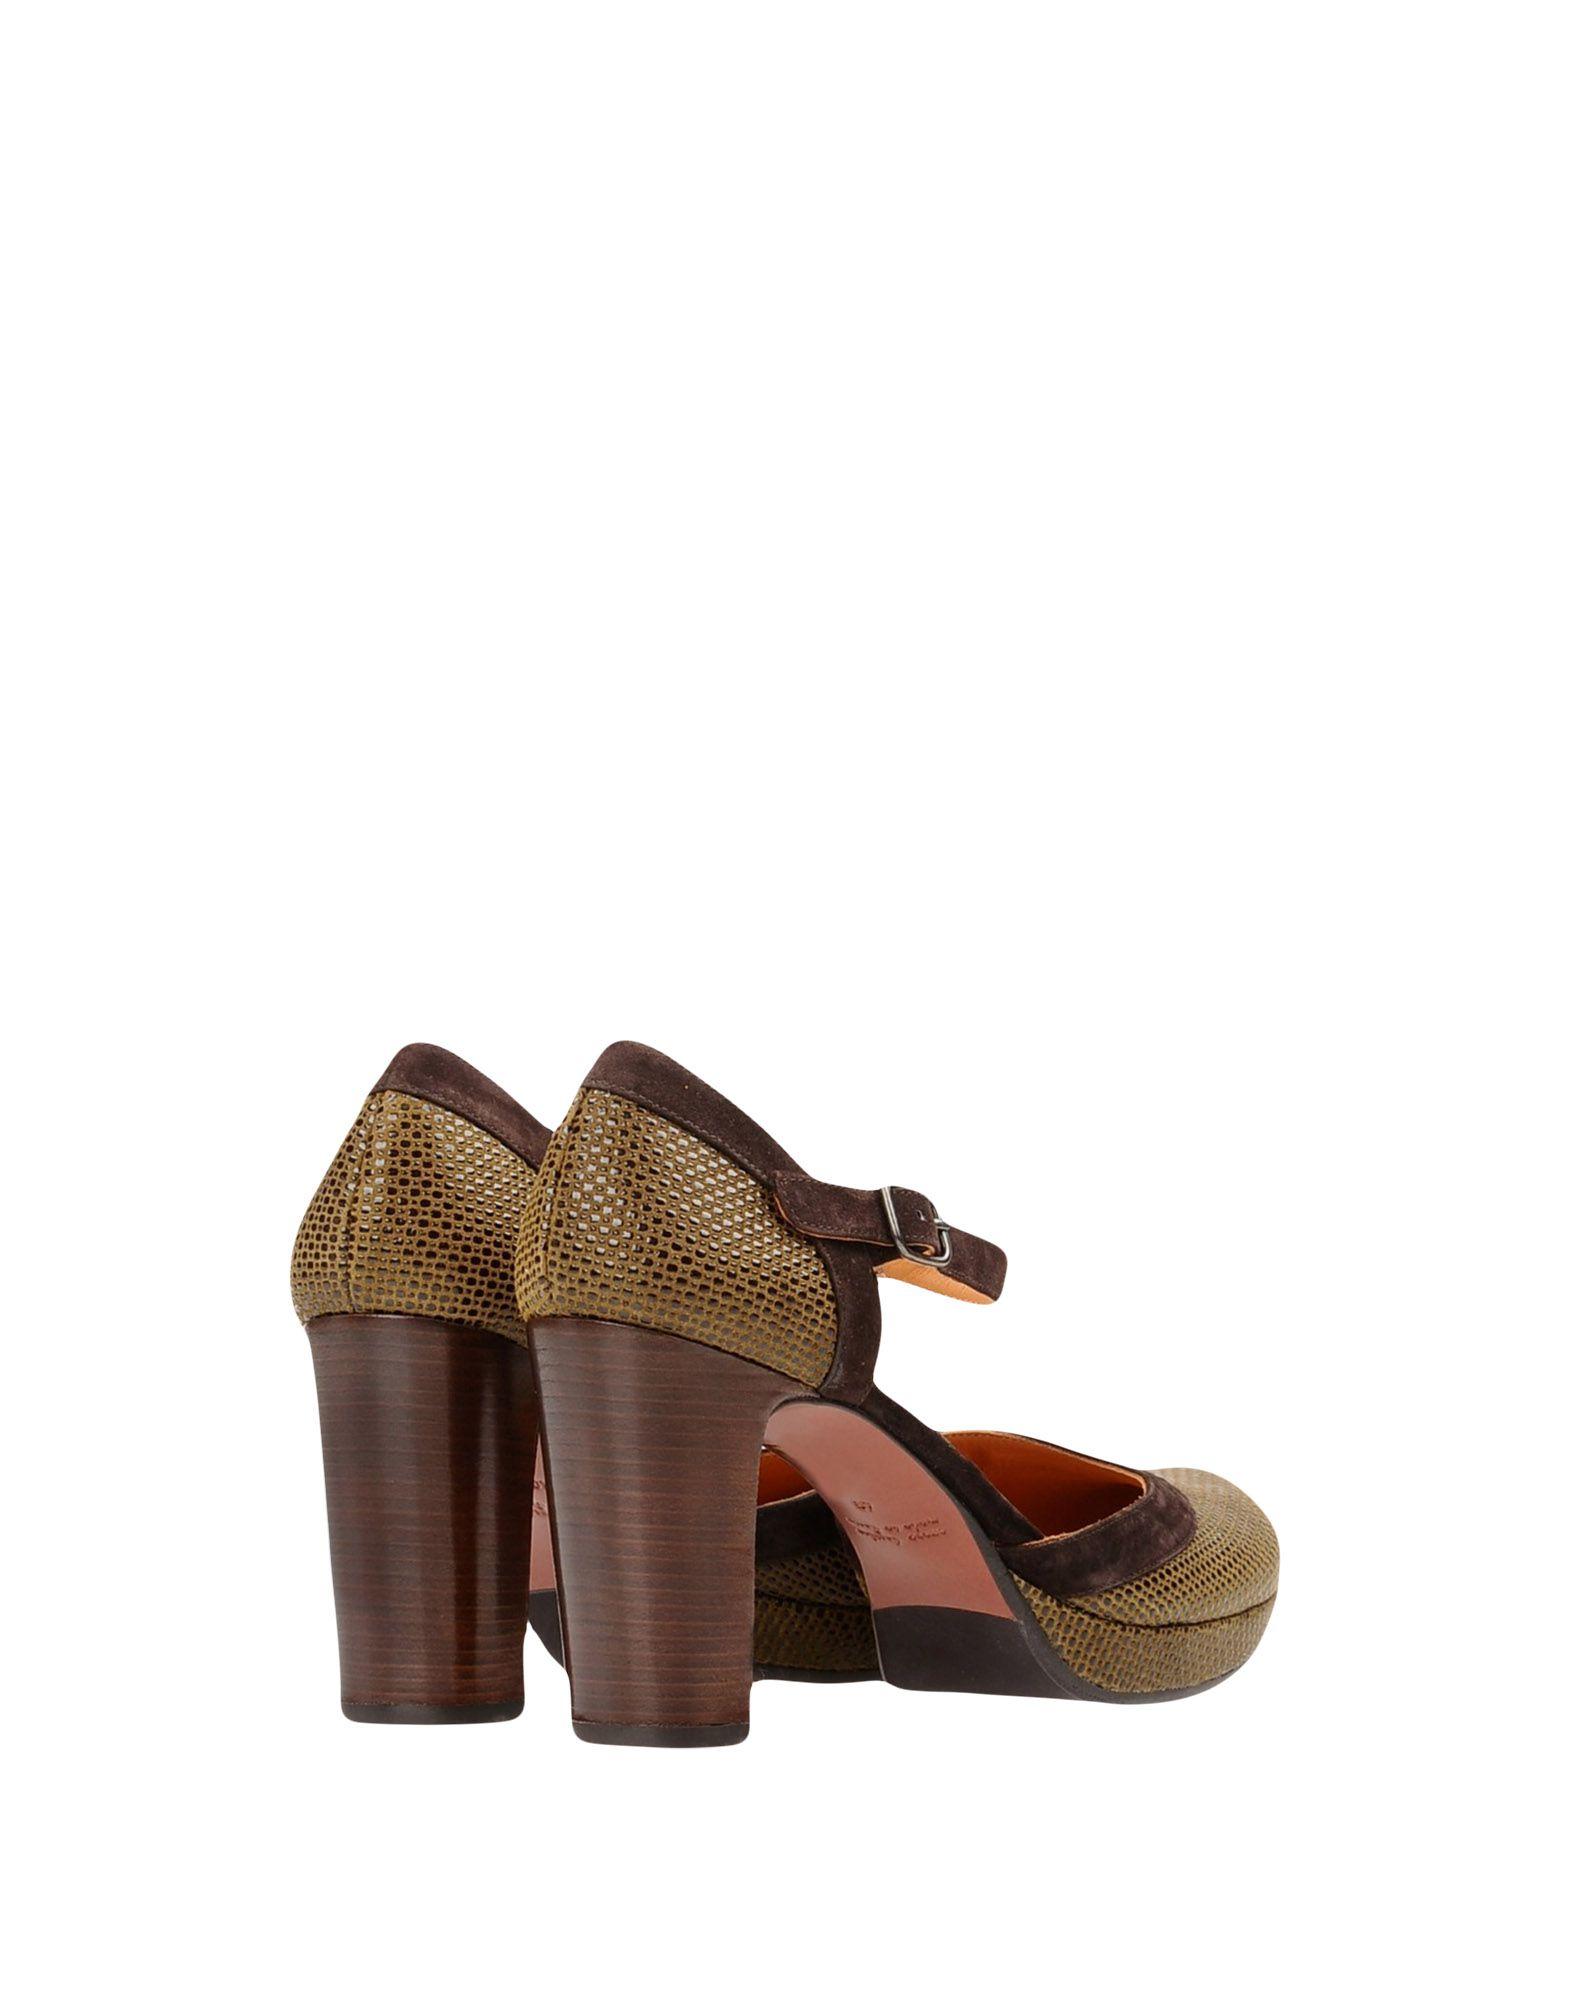 Rabatt Schuhe Pumps Chie Mihara Pumps Schuhe Damen  11350232TG 52a843